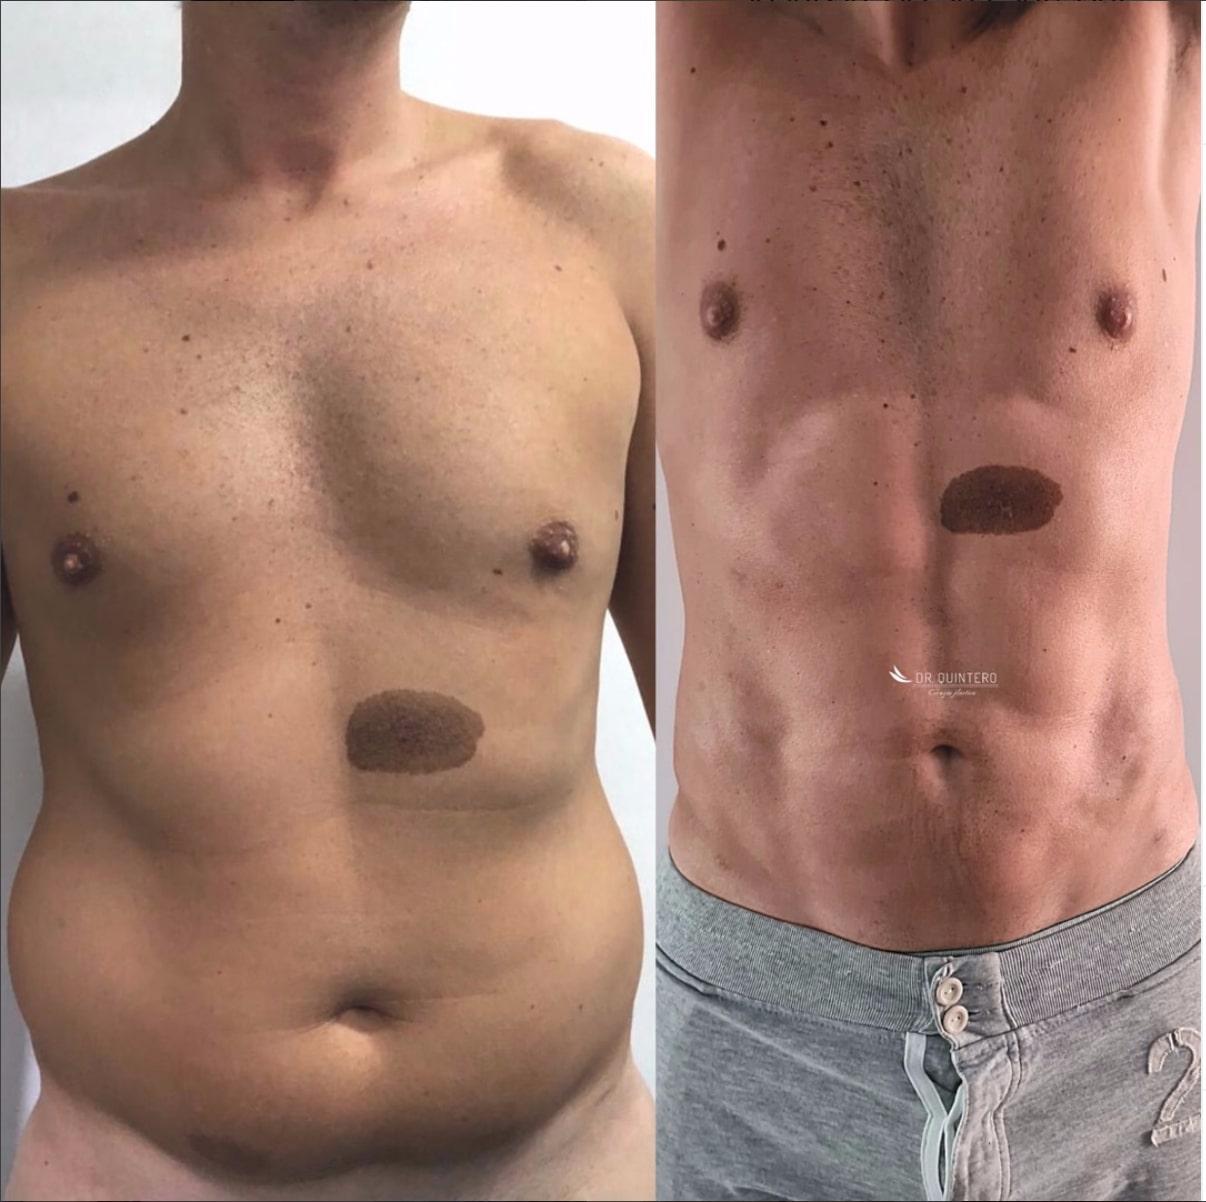 Marcacion abdominal antes y despues